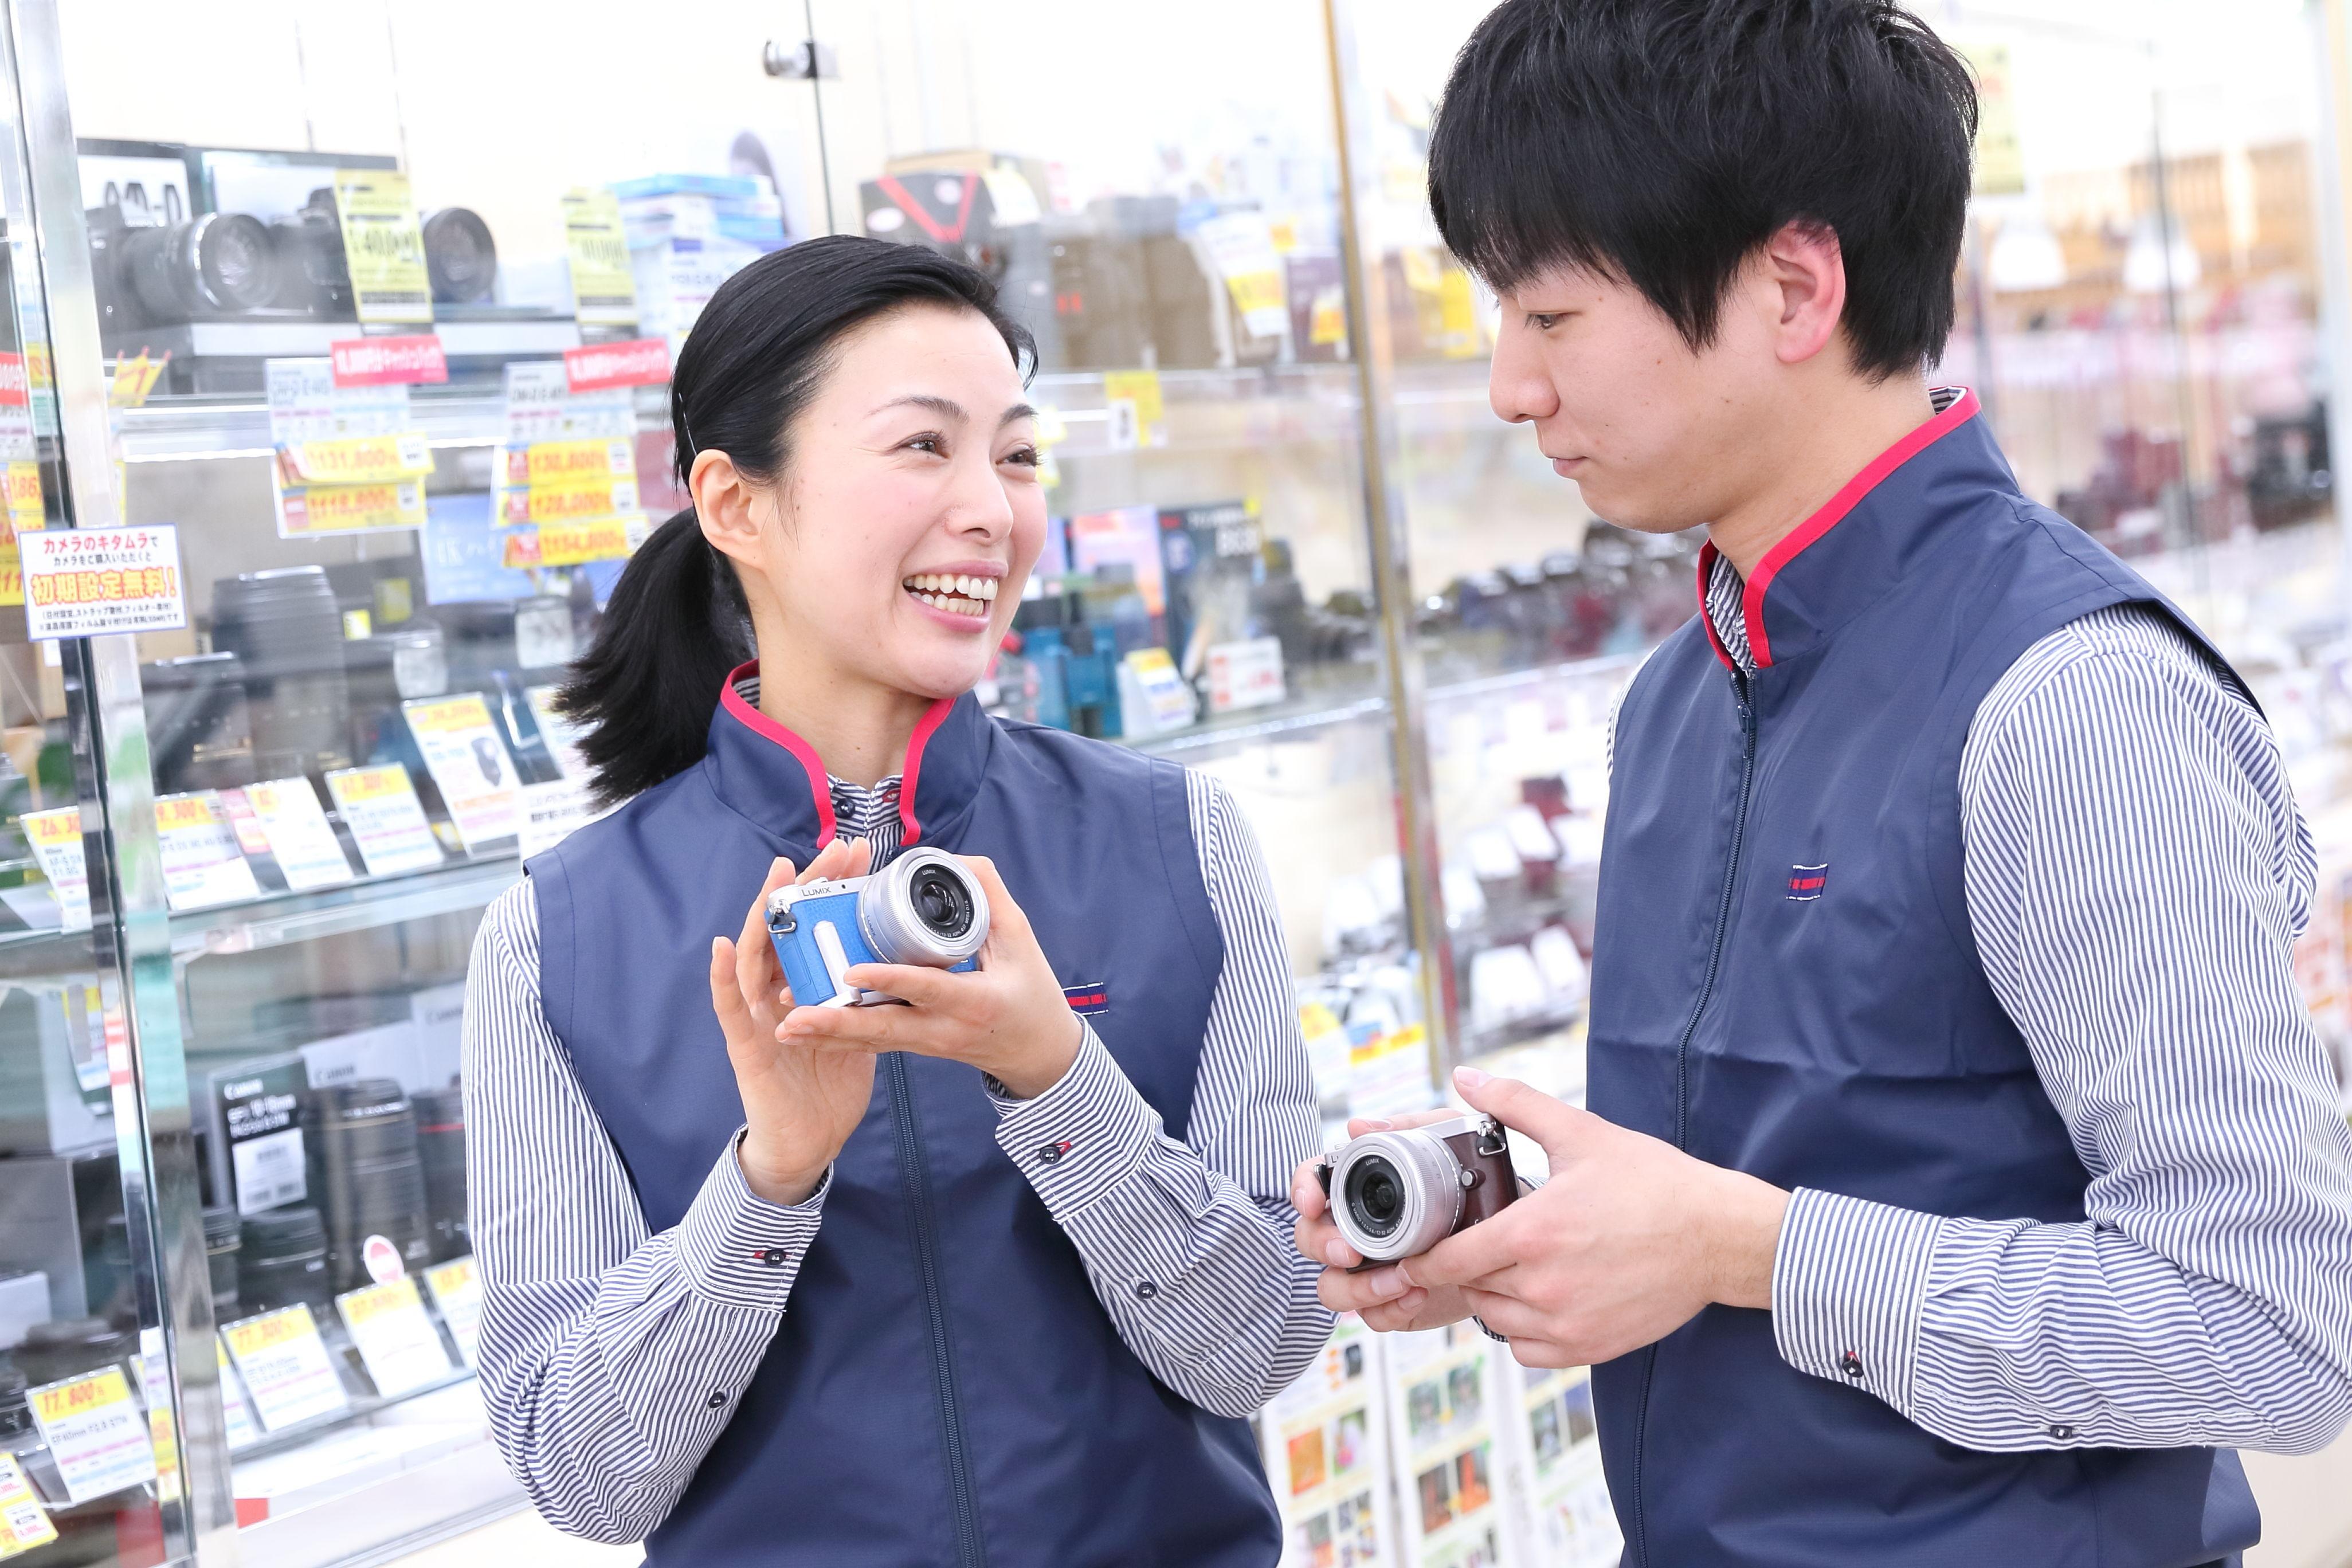 カメラのキタムラ 福島/イオン福島店 のアルバイト情報